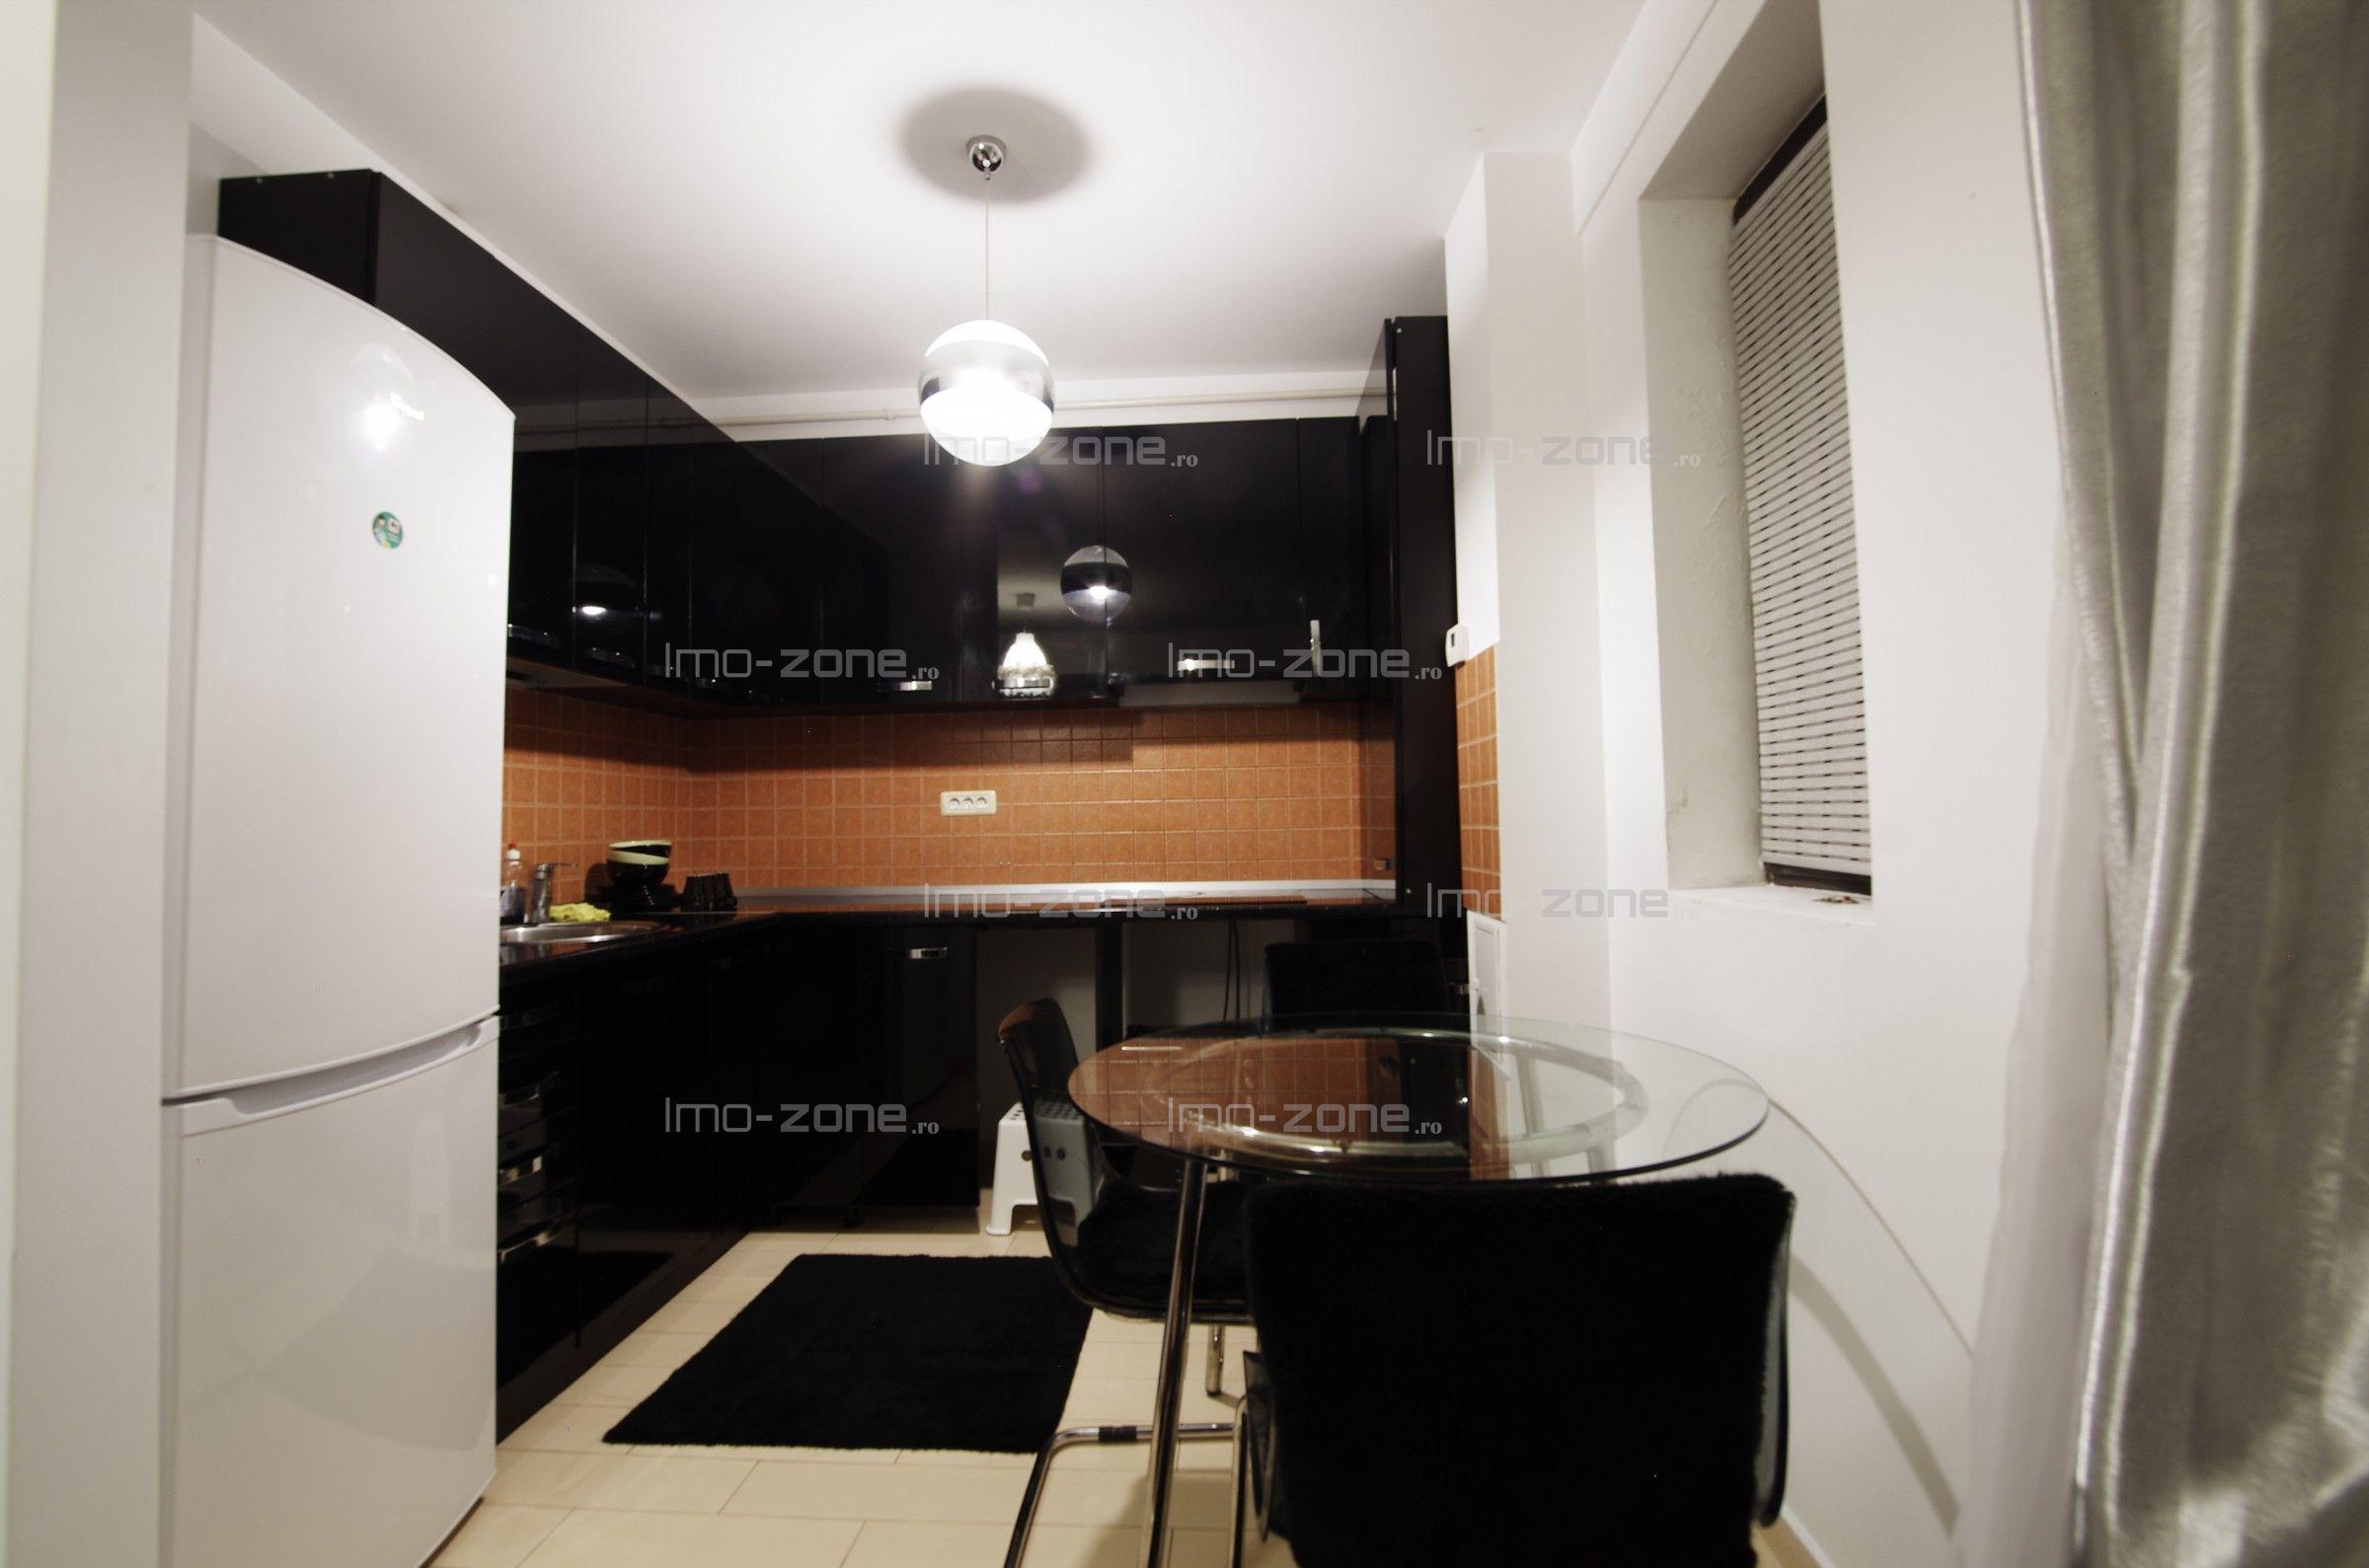 Apartament 2 camere Drumul Taberei/Valea Furcii/LIDL, 70 mp, 2 parcari